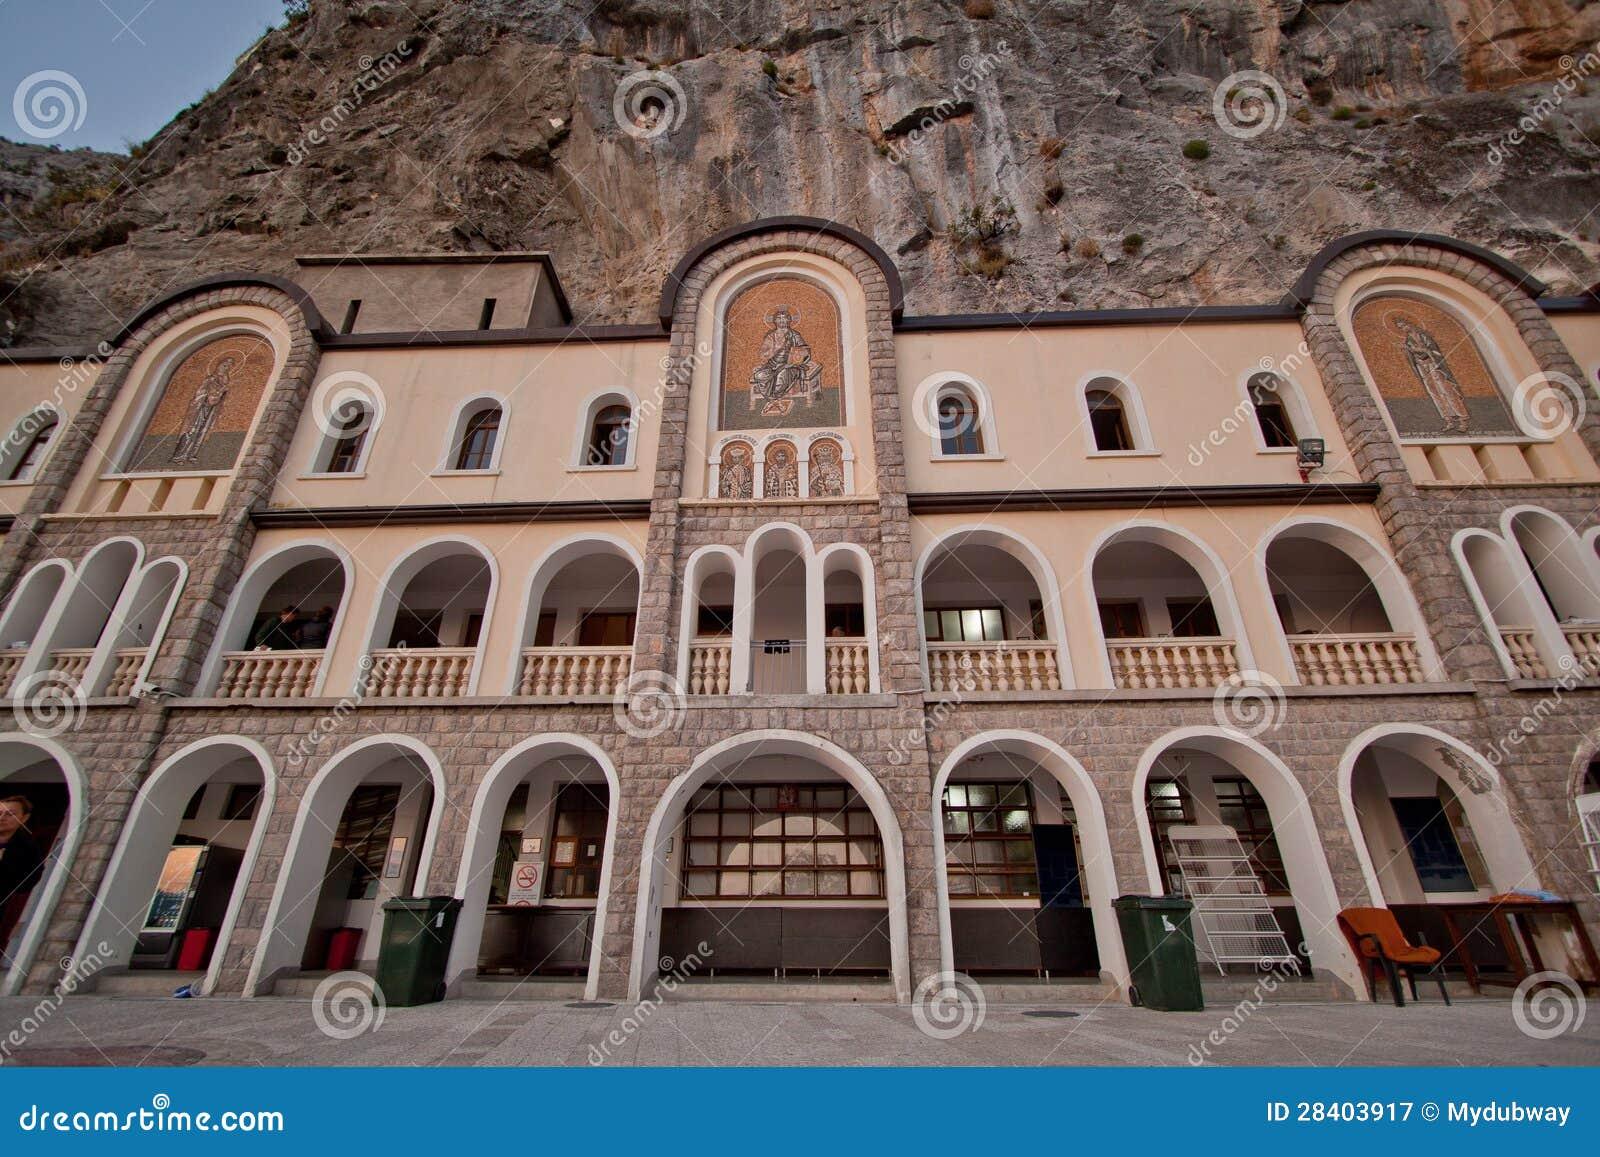 Het huis van de pelgrim het hogere klooster van ostrog montenegro stock afbeelding - Huis van het wereldkantoor newport ...